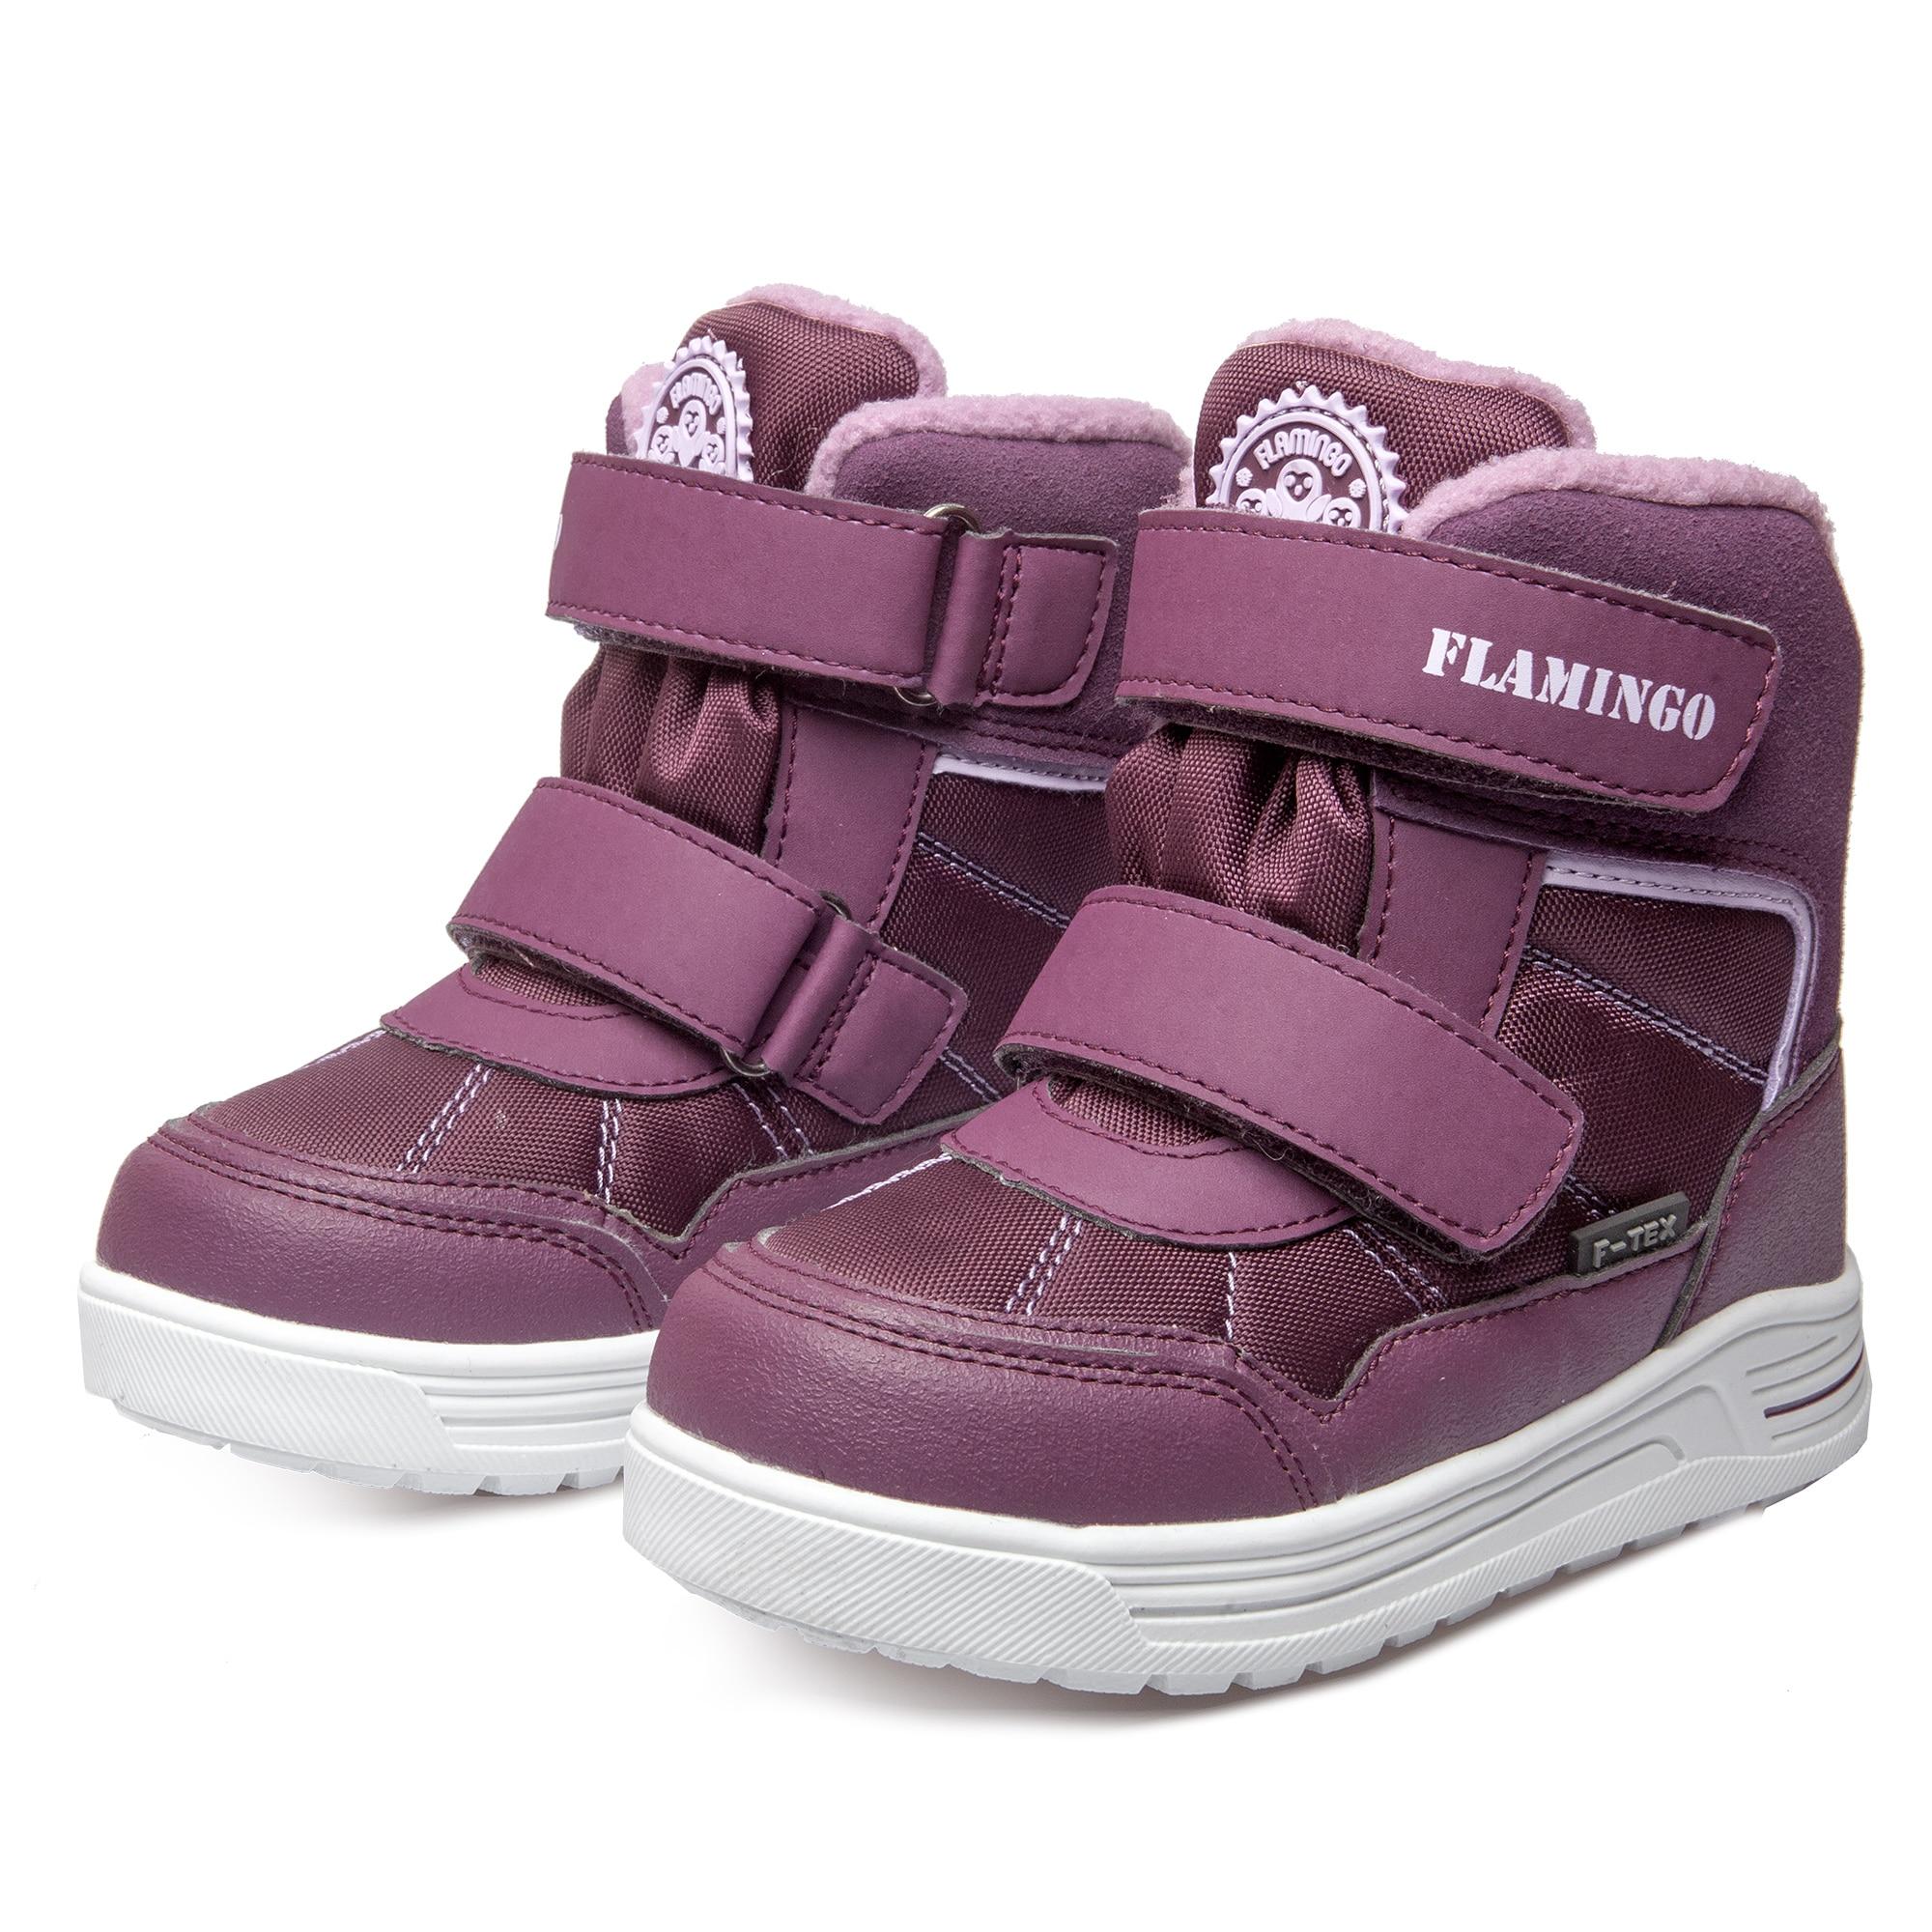 Flamingo chaussures 92m-tg-1676 chaussures pour enfants 23-28 #